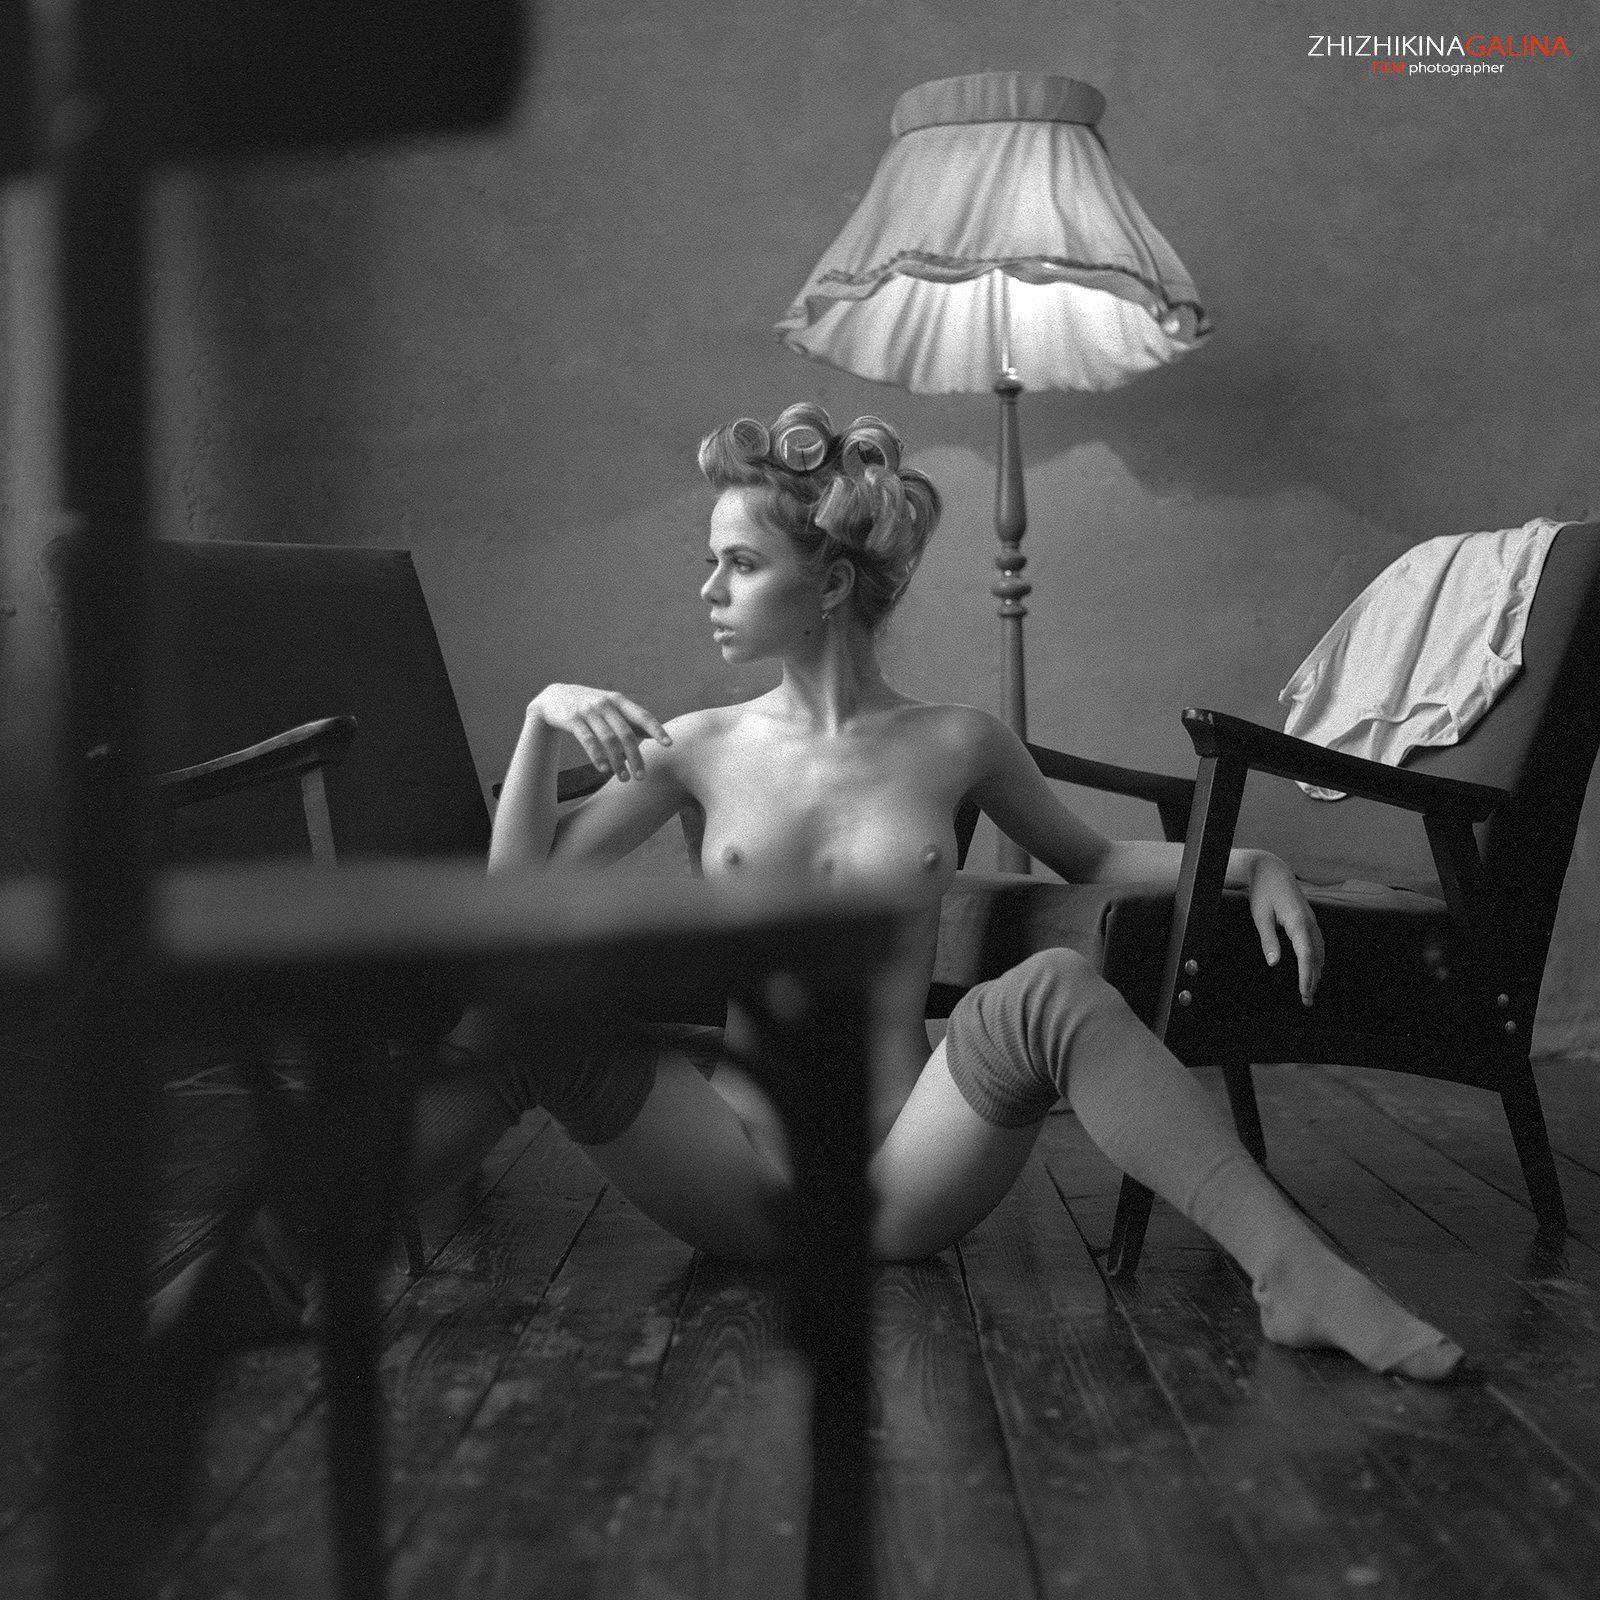 девушка, взгляд, модель, портрет, жанр, глаза, лампа, стул, ню, топлесс, фотография, фотосессия, прикосновение, ч/б, 6х6, m-format, middle, film, b&w, soul, photo, photography, portrait, nature, black, art, nude, artnu, nu, Галина Жижикина